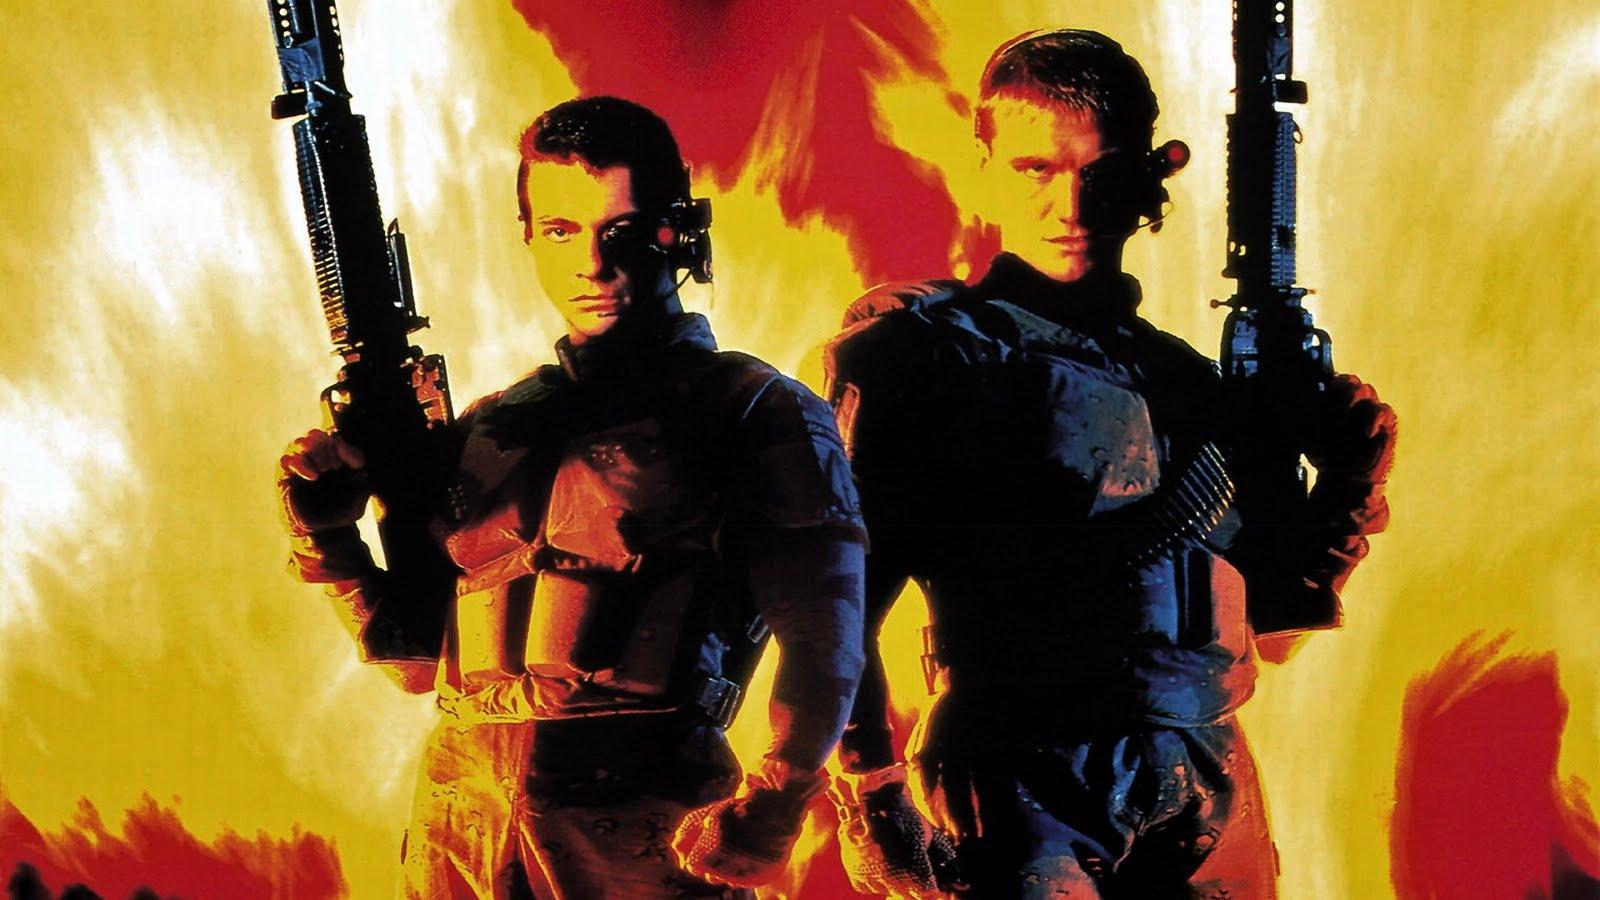 http://2.bp.blogspot.com/-g8SaAx8jZ3E/TonVr30HWxI/AAAAAAAA91c/pdpQQR7UfFs/s1600/universal-soldier-original%2B%25281%2529.jpg